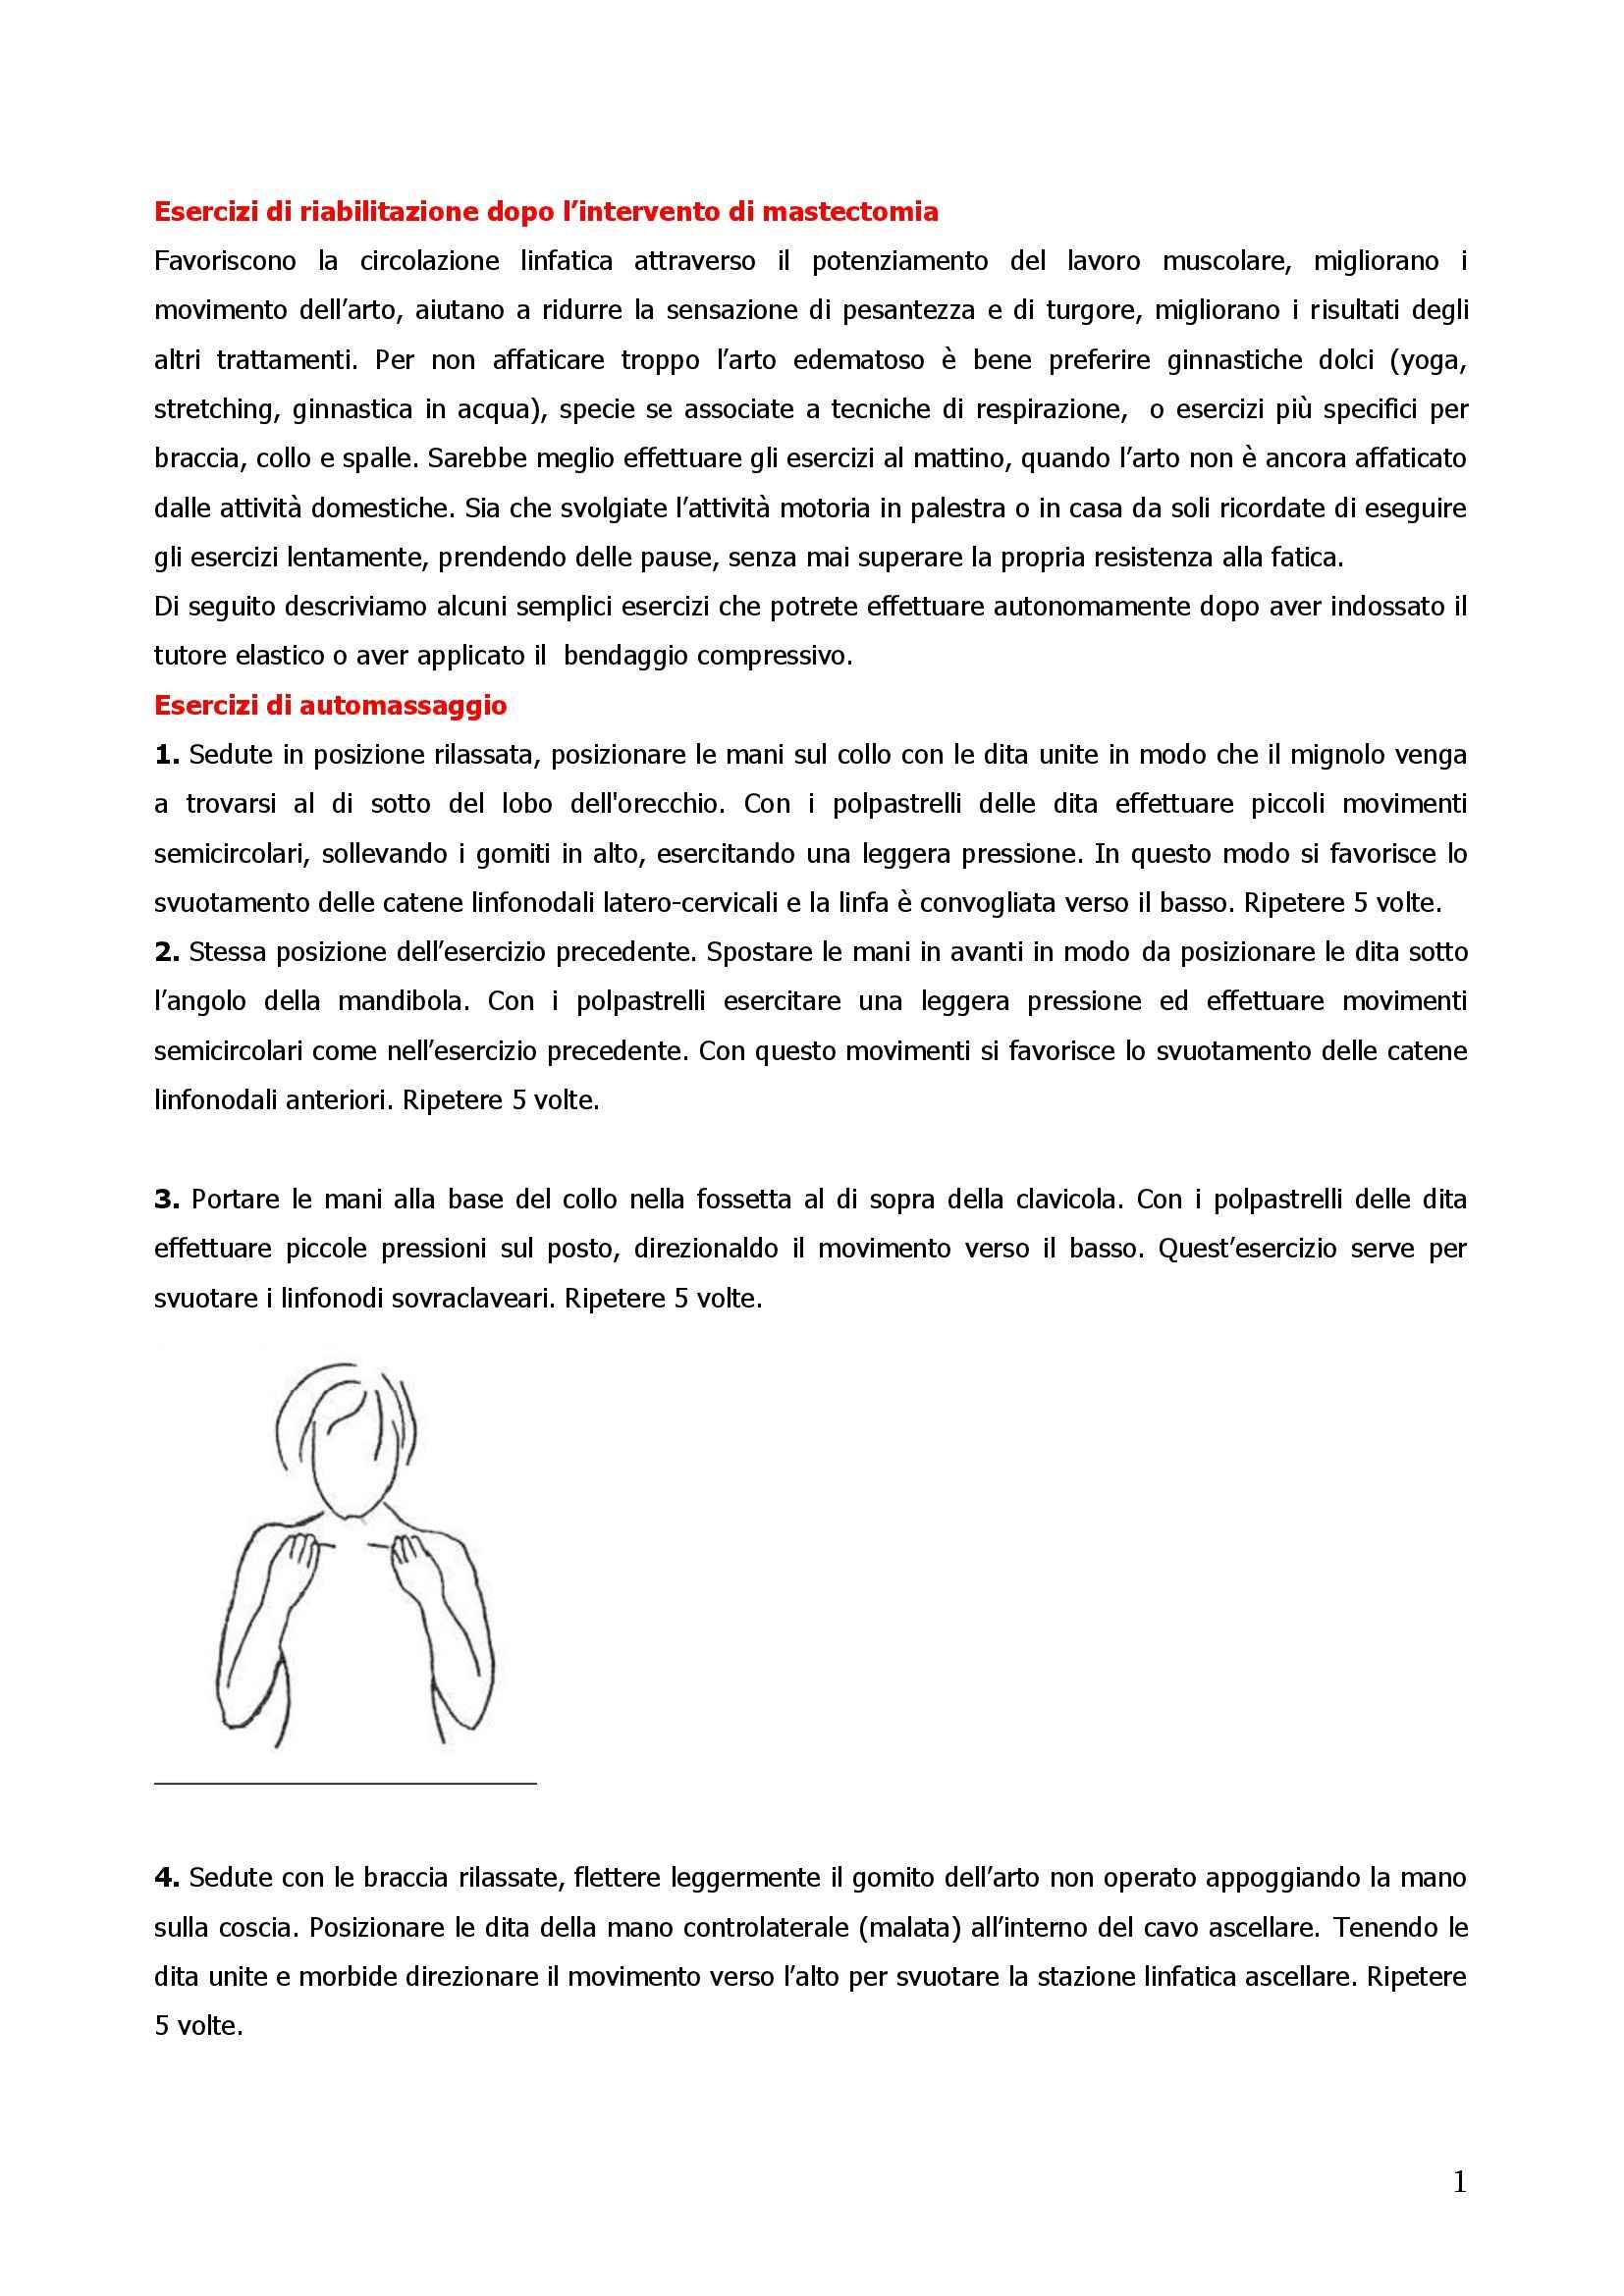 riabilitazione postoperatoria mastecomia